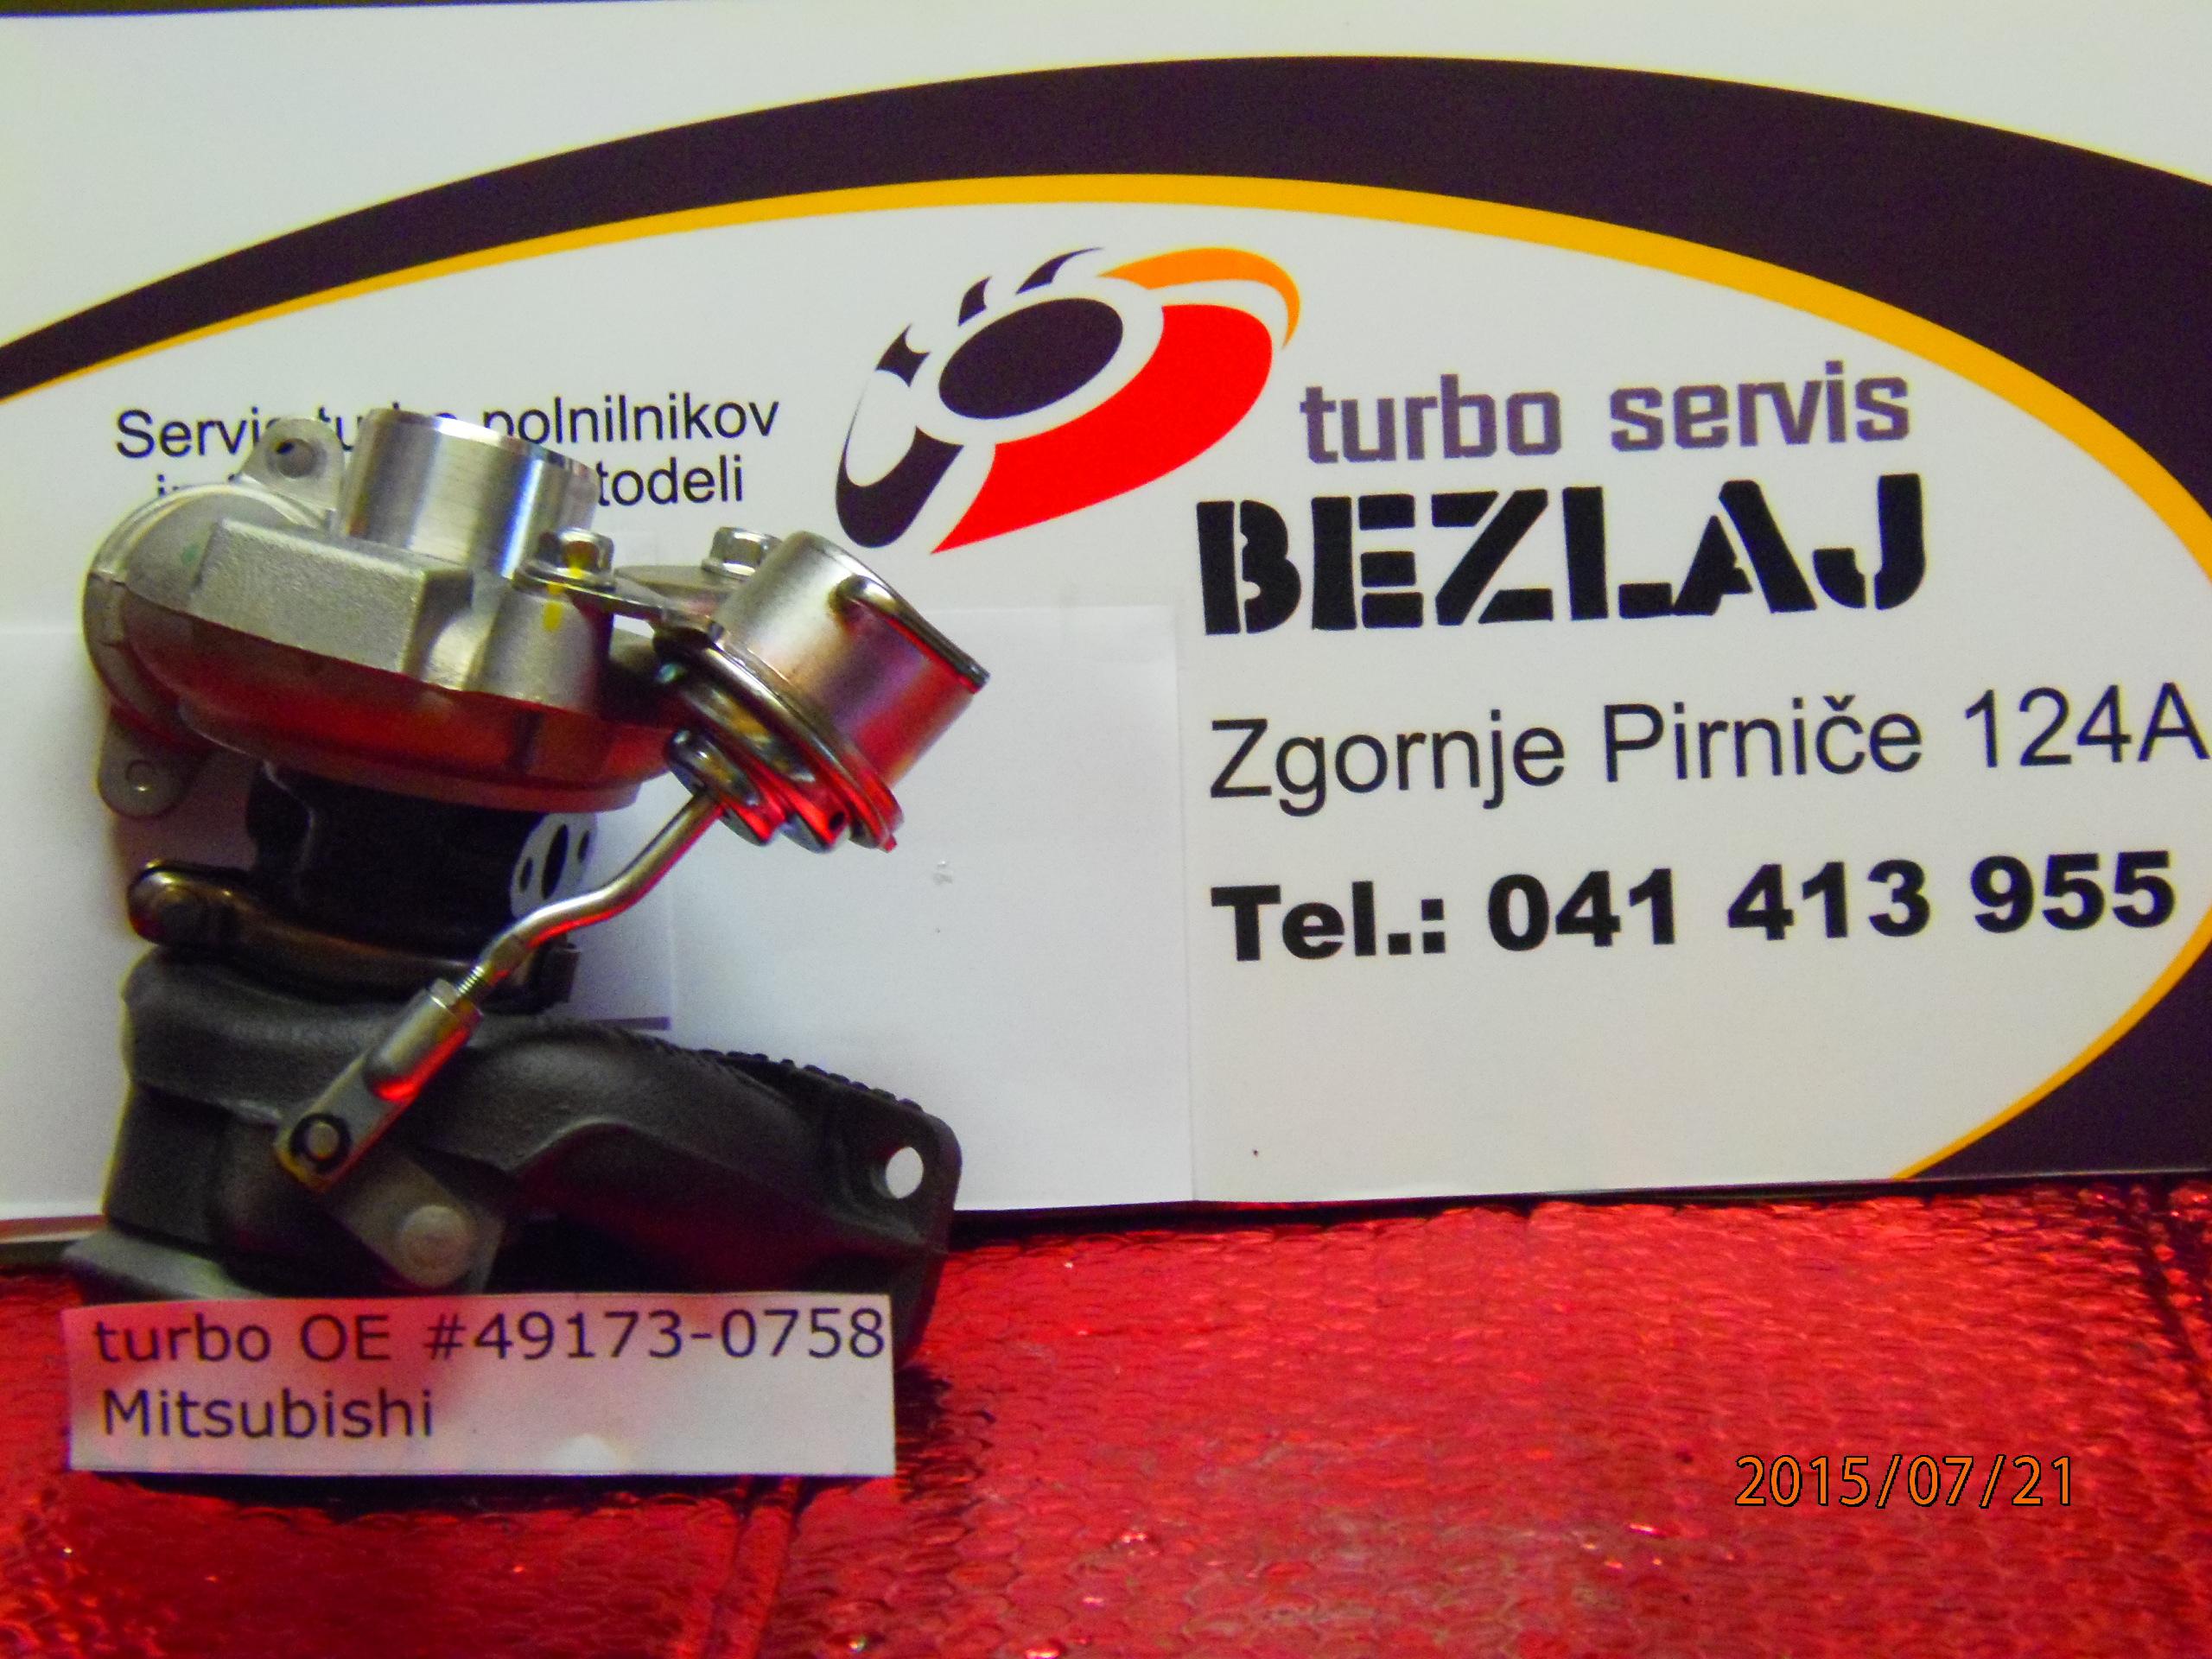 turbo49173-0758 (3)